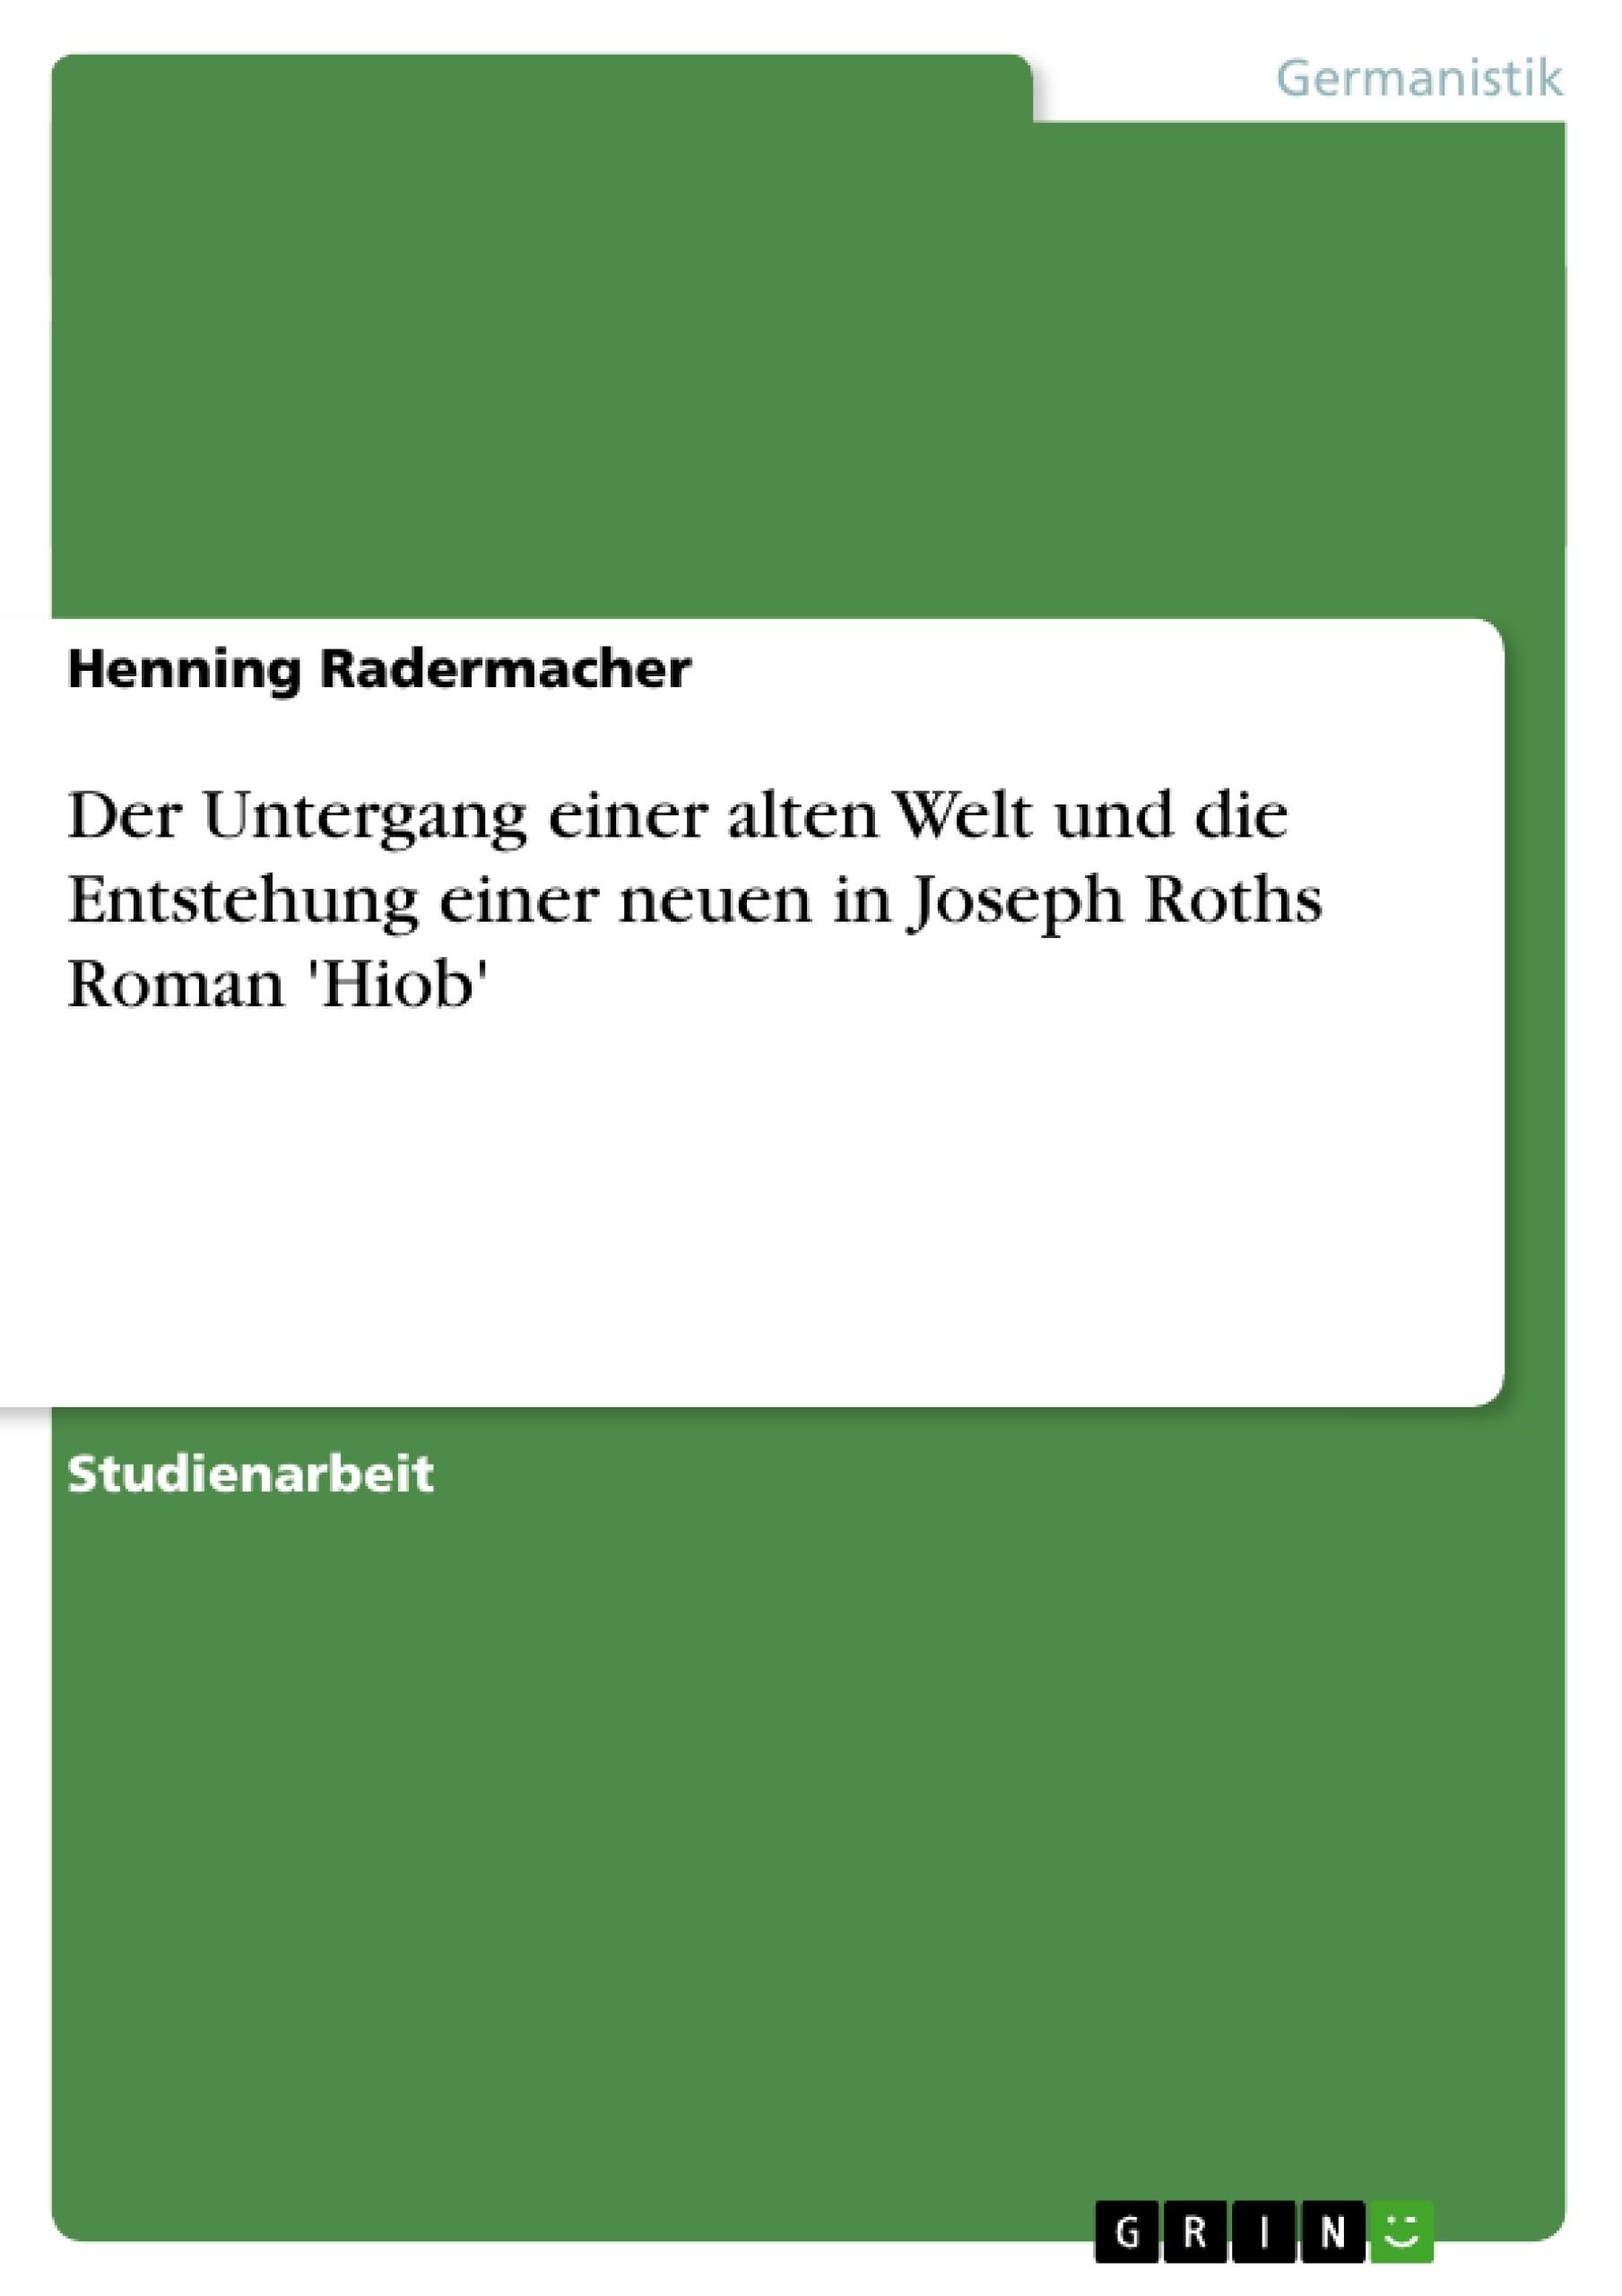 Titel: Der Untergang einer alten Welt und die Entstehung einer neuen in Joseph Roths Roman 'Hiob'